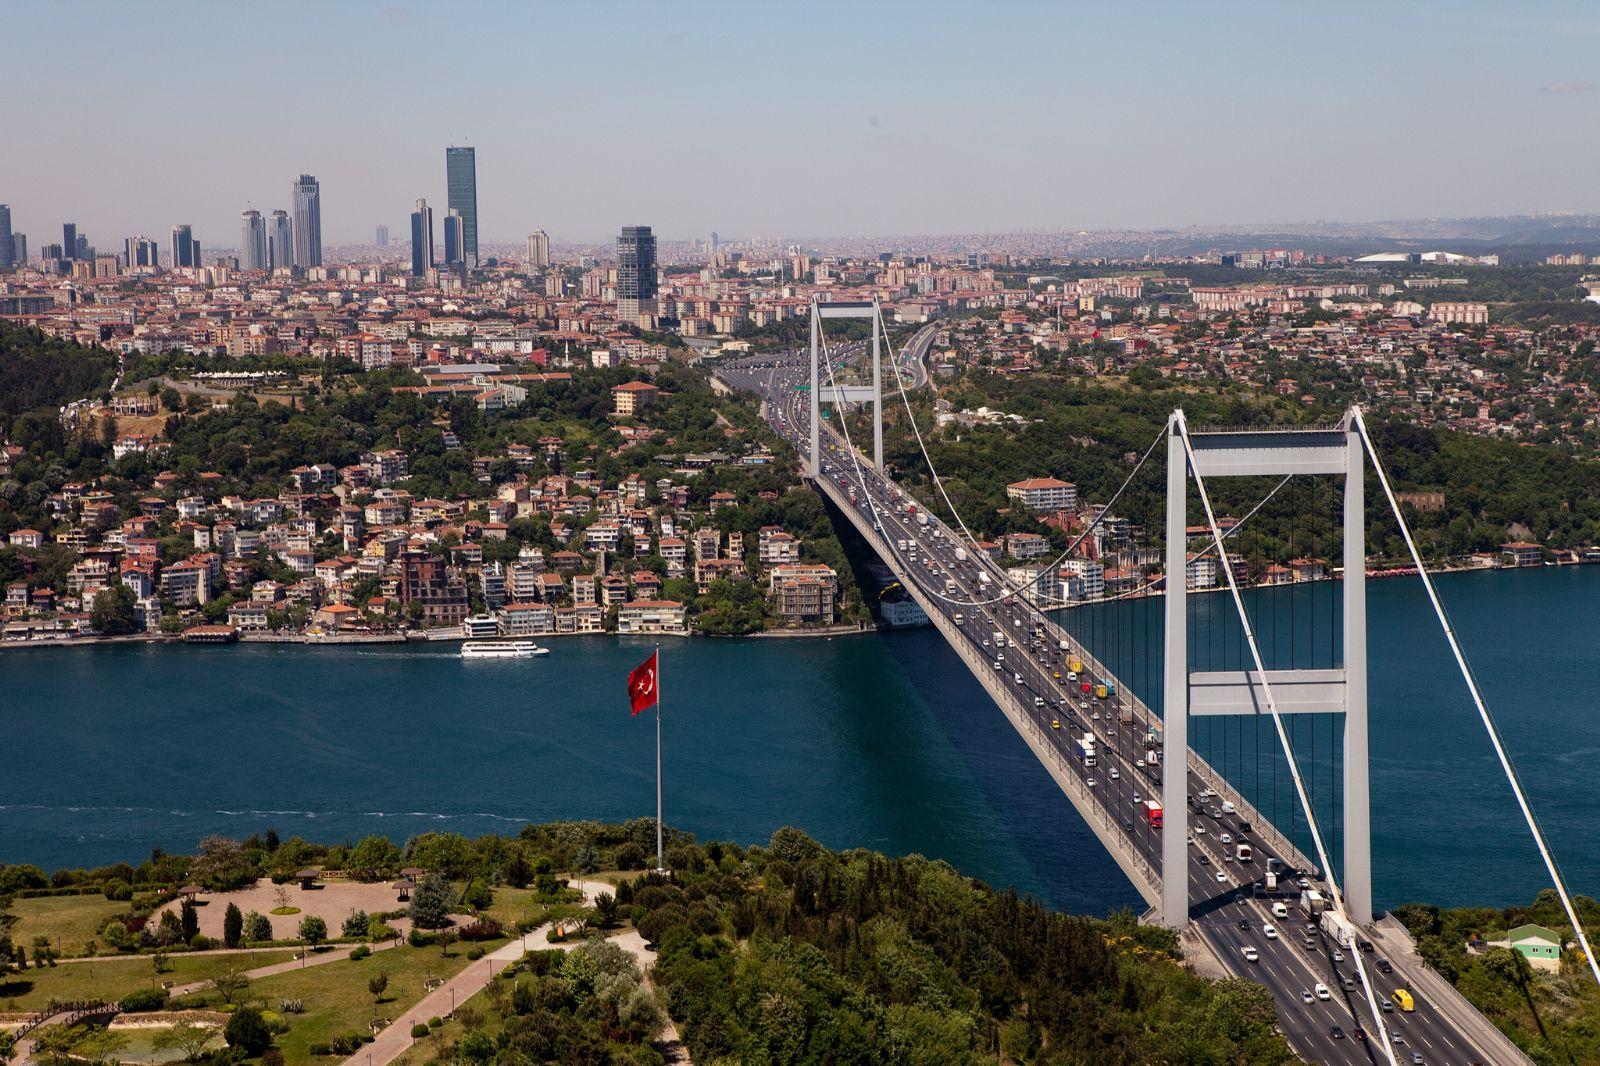 bosphorus-cruise-istanbul-7